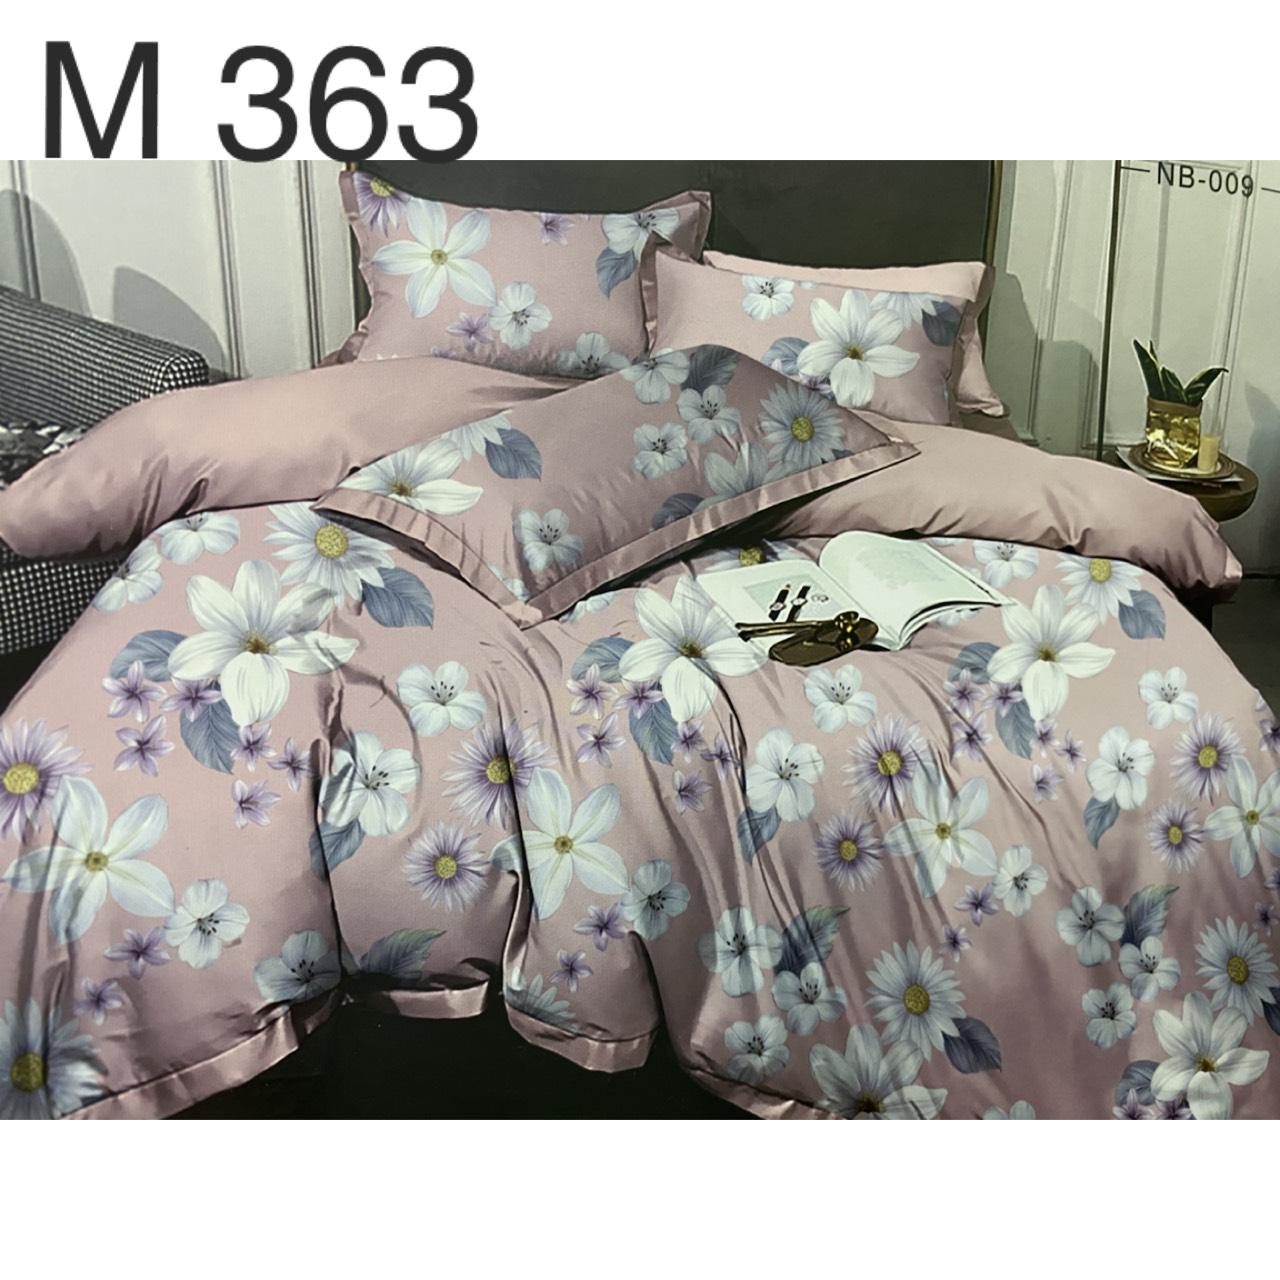 Bộ Chăn Ga Cotton Đũi Loại 1 Hàn Quốc - M363